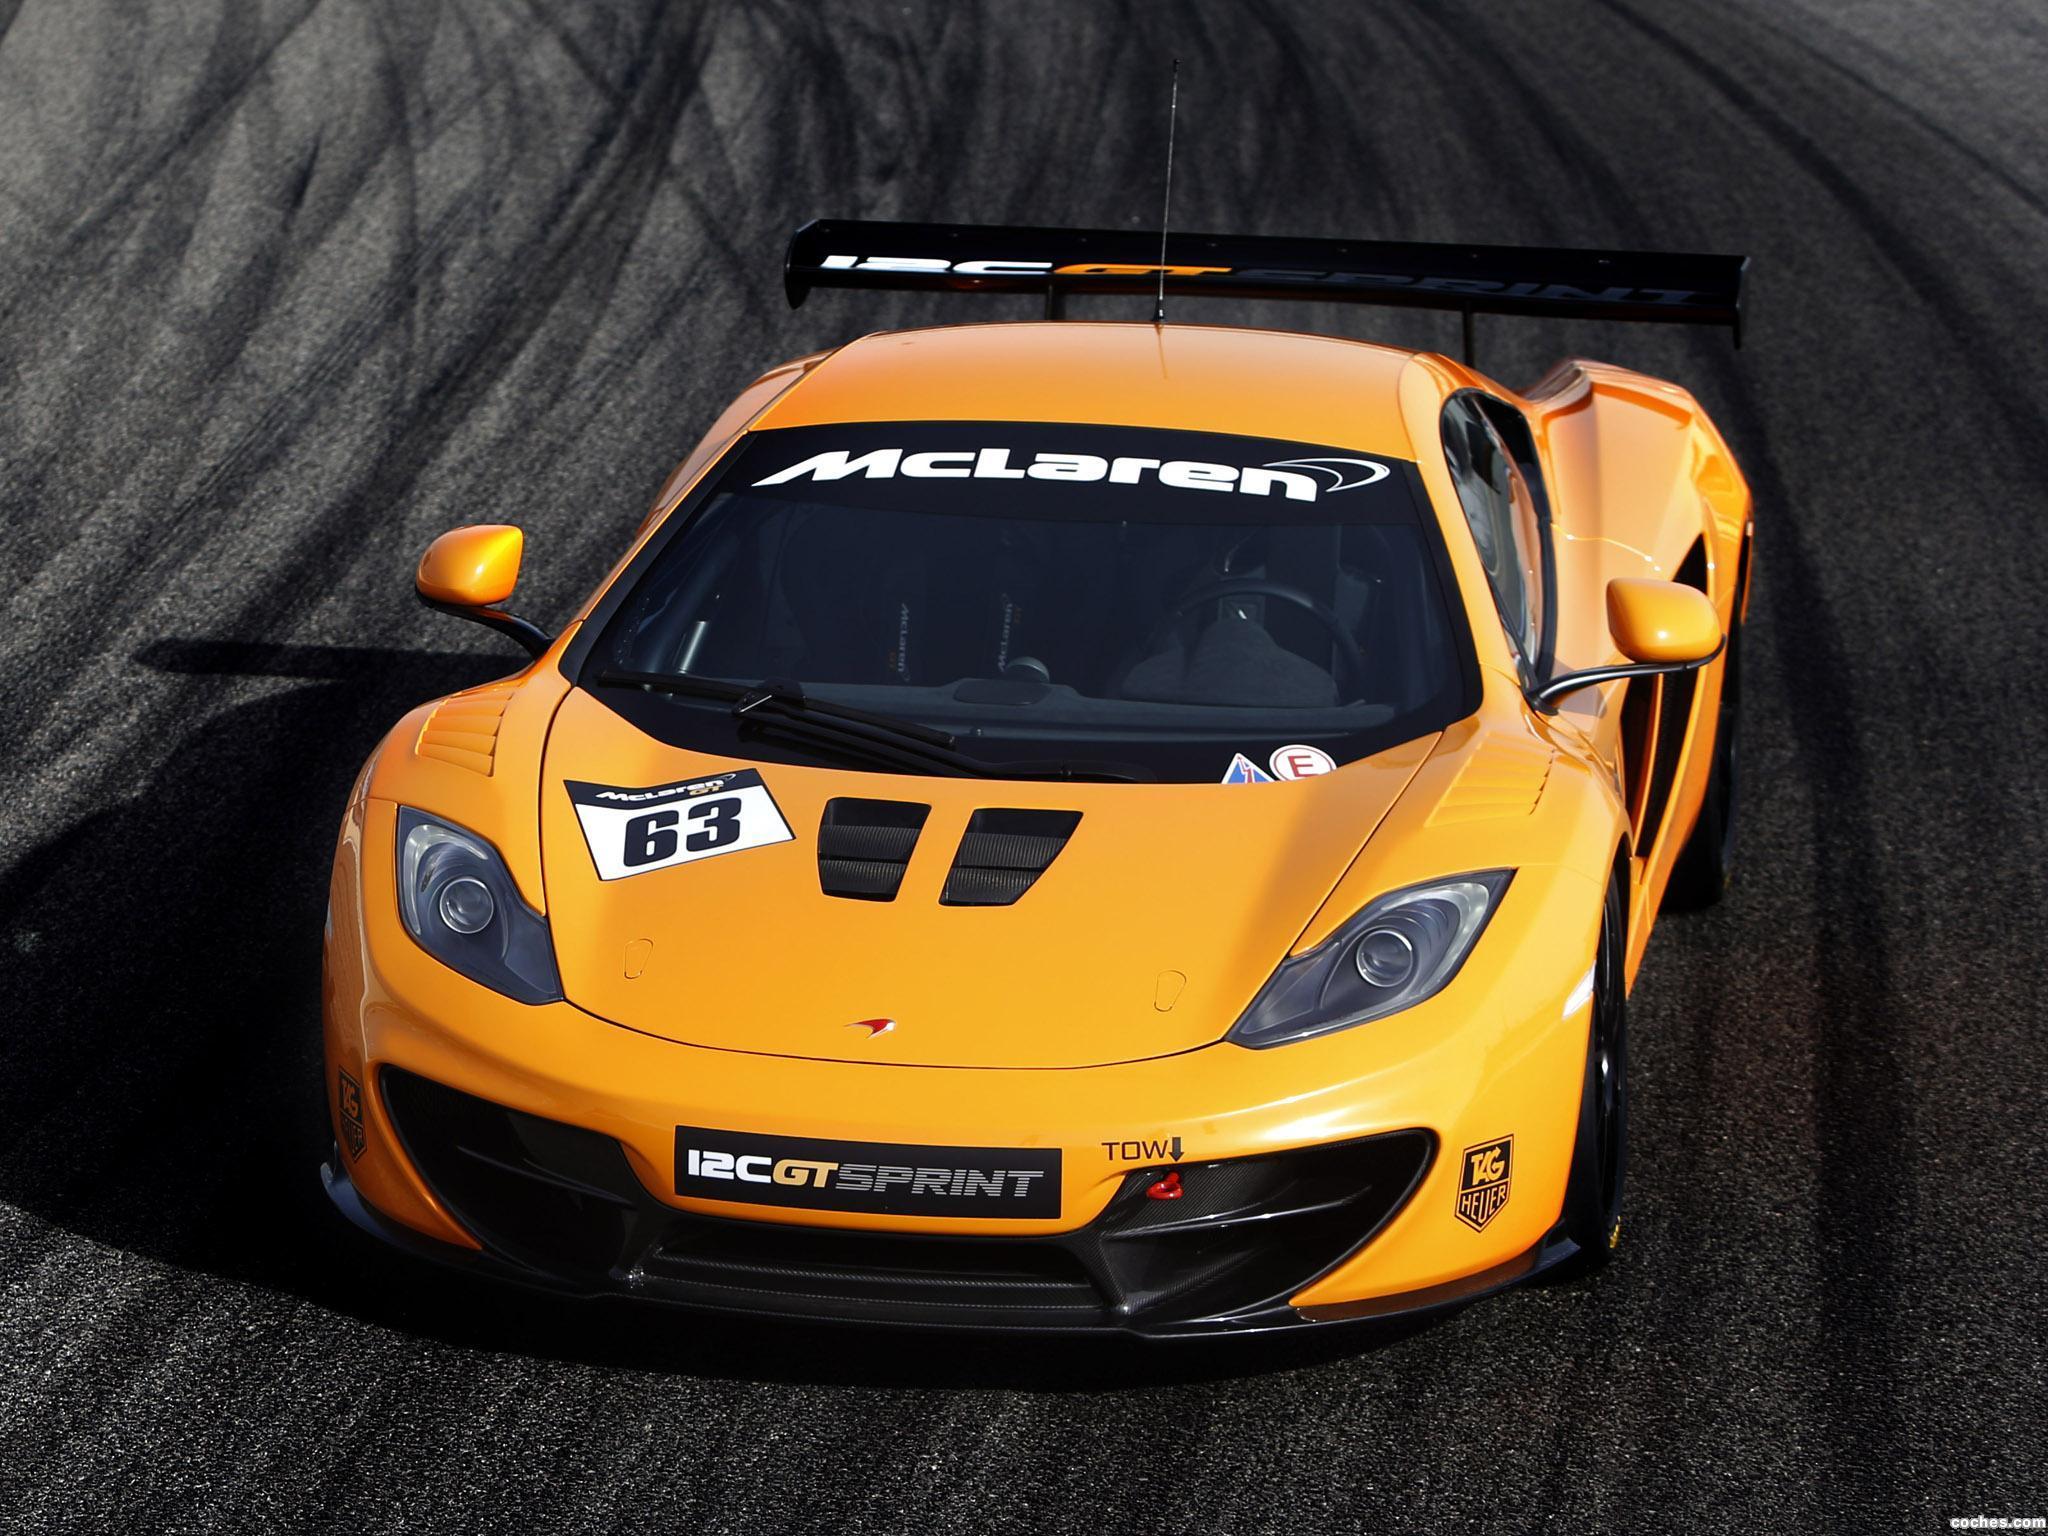 Foto 0 de McLaren MP4-12C GT Sprint 2013